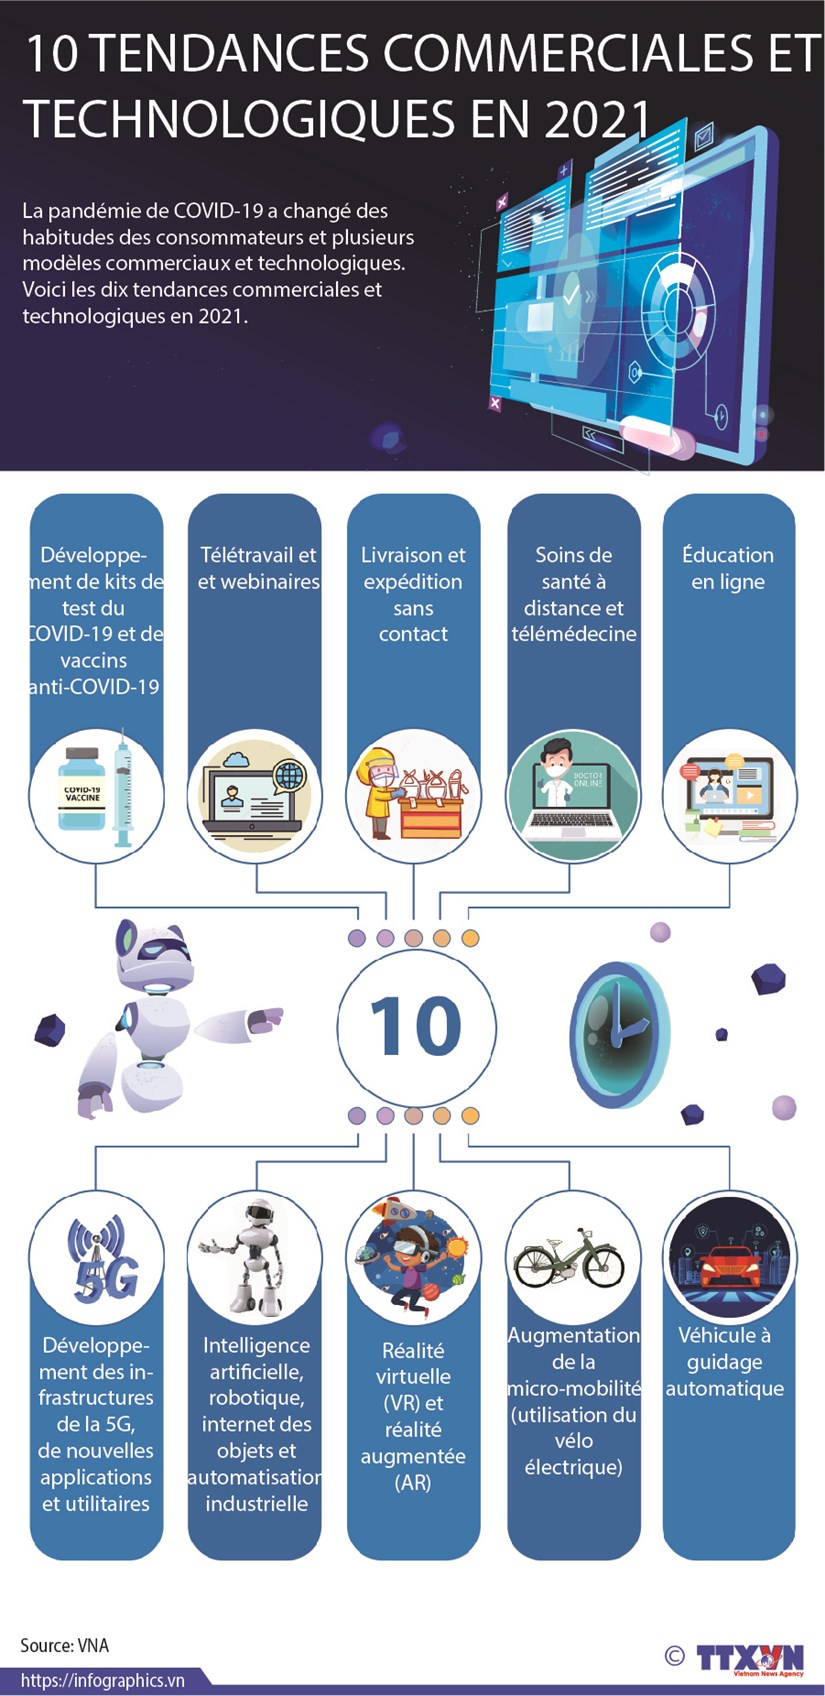 Dix tendances commerciales et technologiques en 2021 hinh anh 1